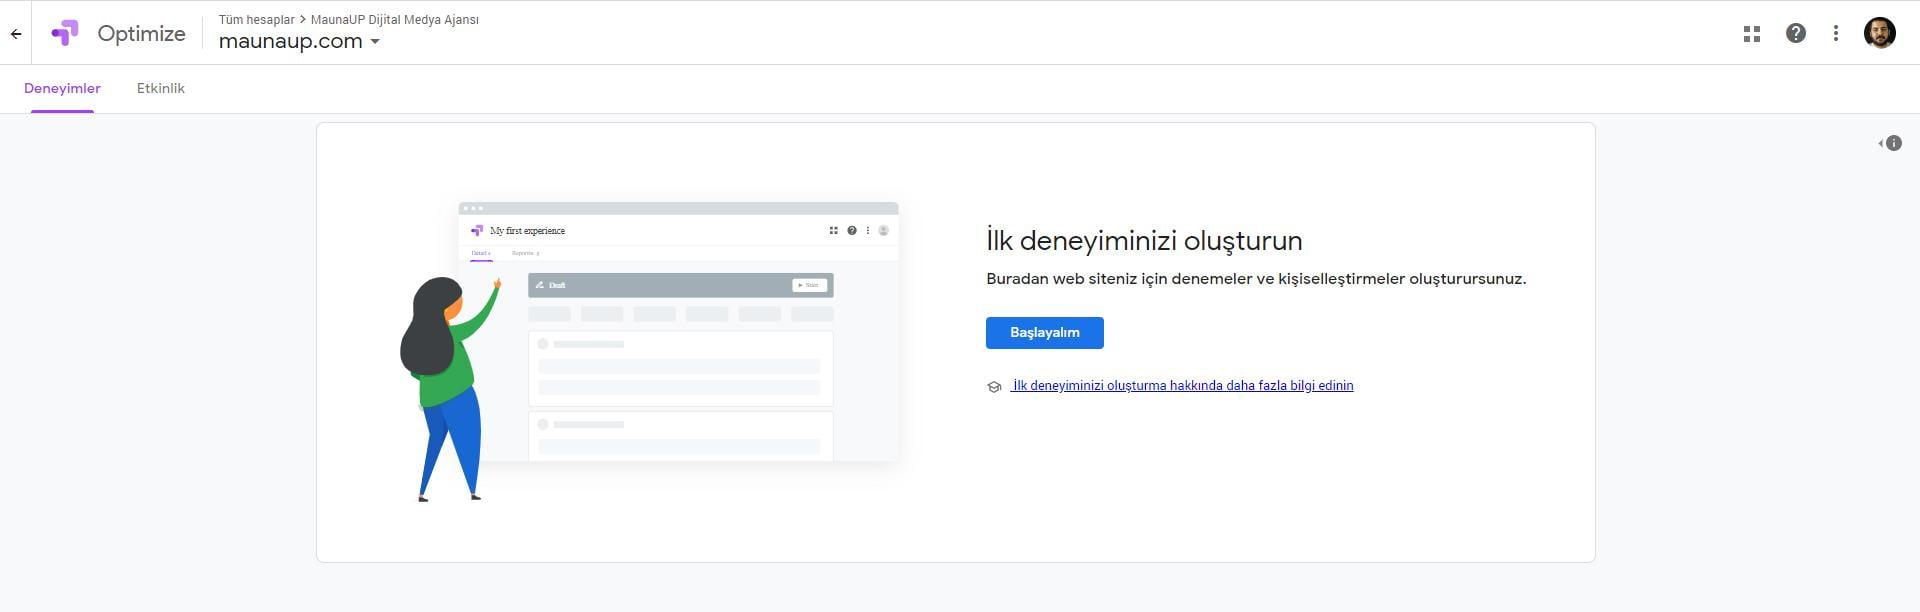 Google Optimize Kurulumu: Hesap Oluşturma-4